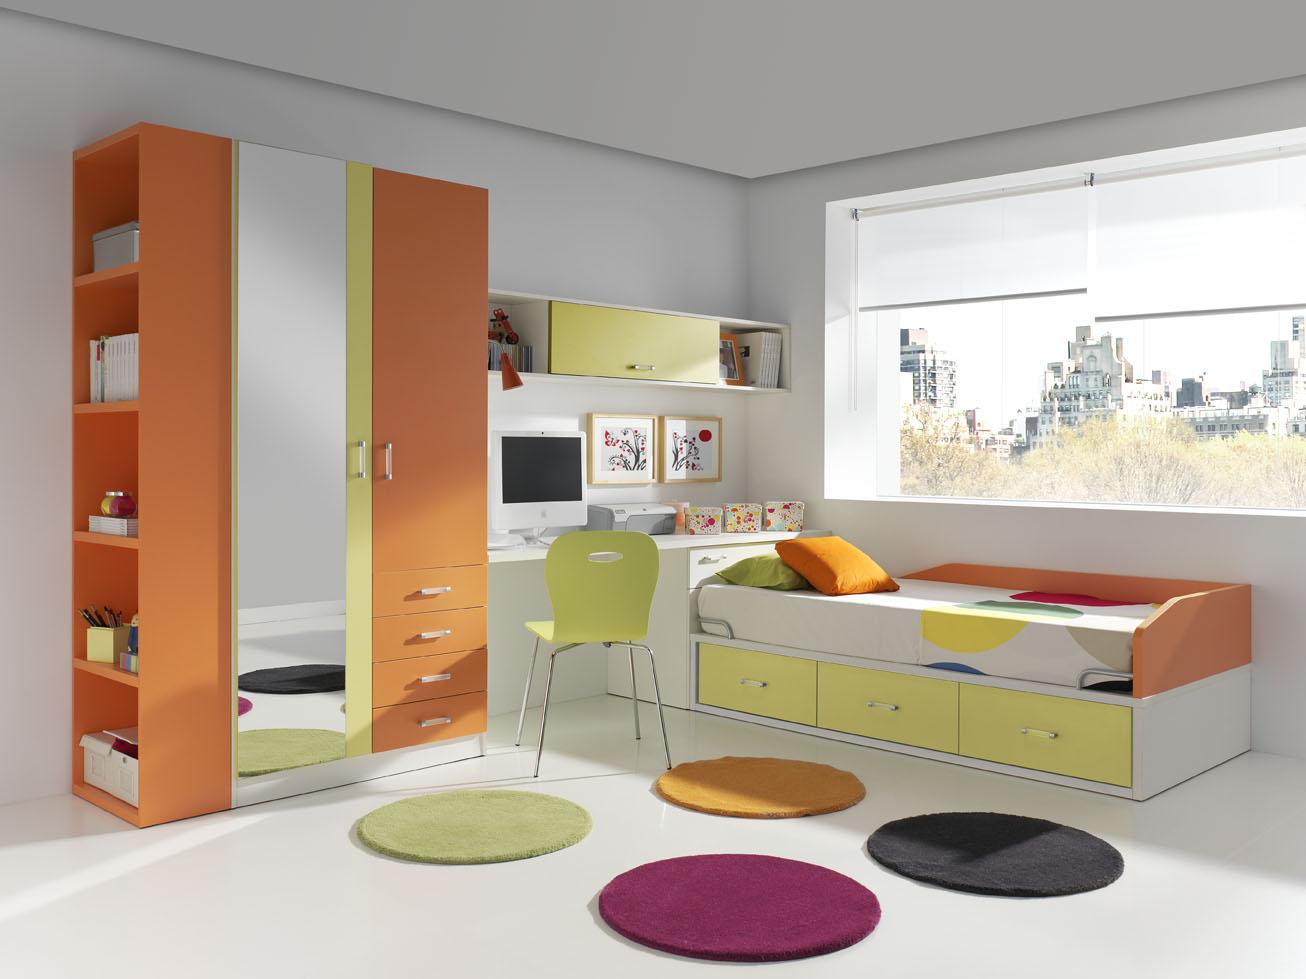 La calidad un factor de decisi n muebles orts blog for Precios de dormitorios juveniles